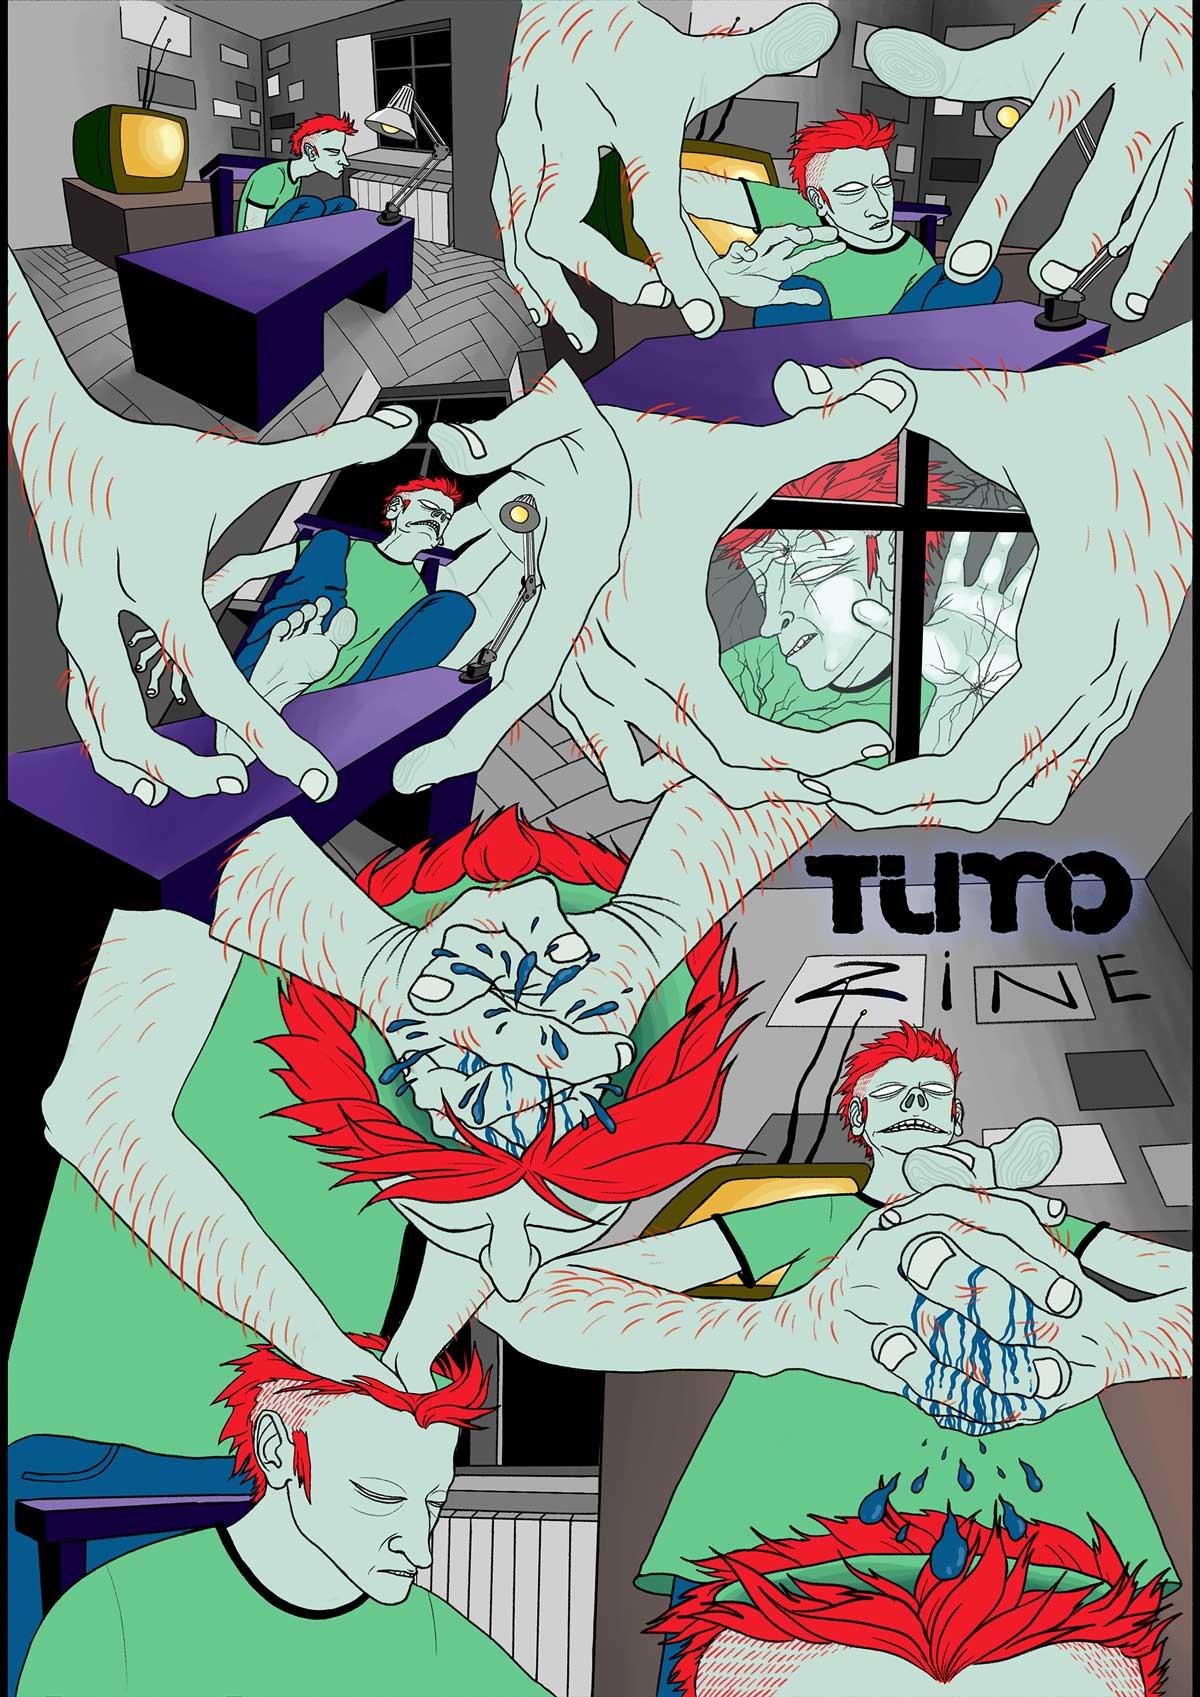 0 cover lusine torgomyan - TumoZine կոմիքսներ Շամիրամ Խաչատրյանի հետ